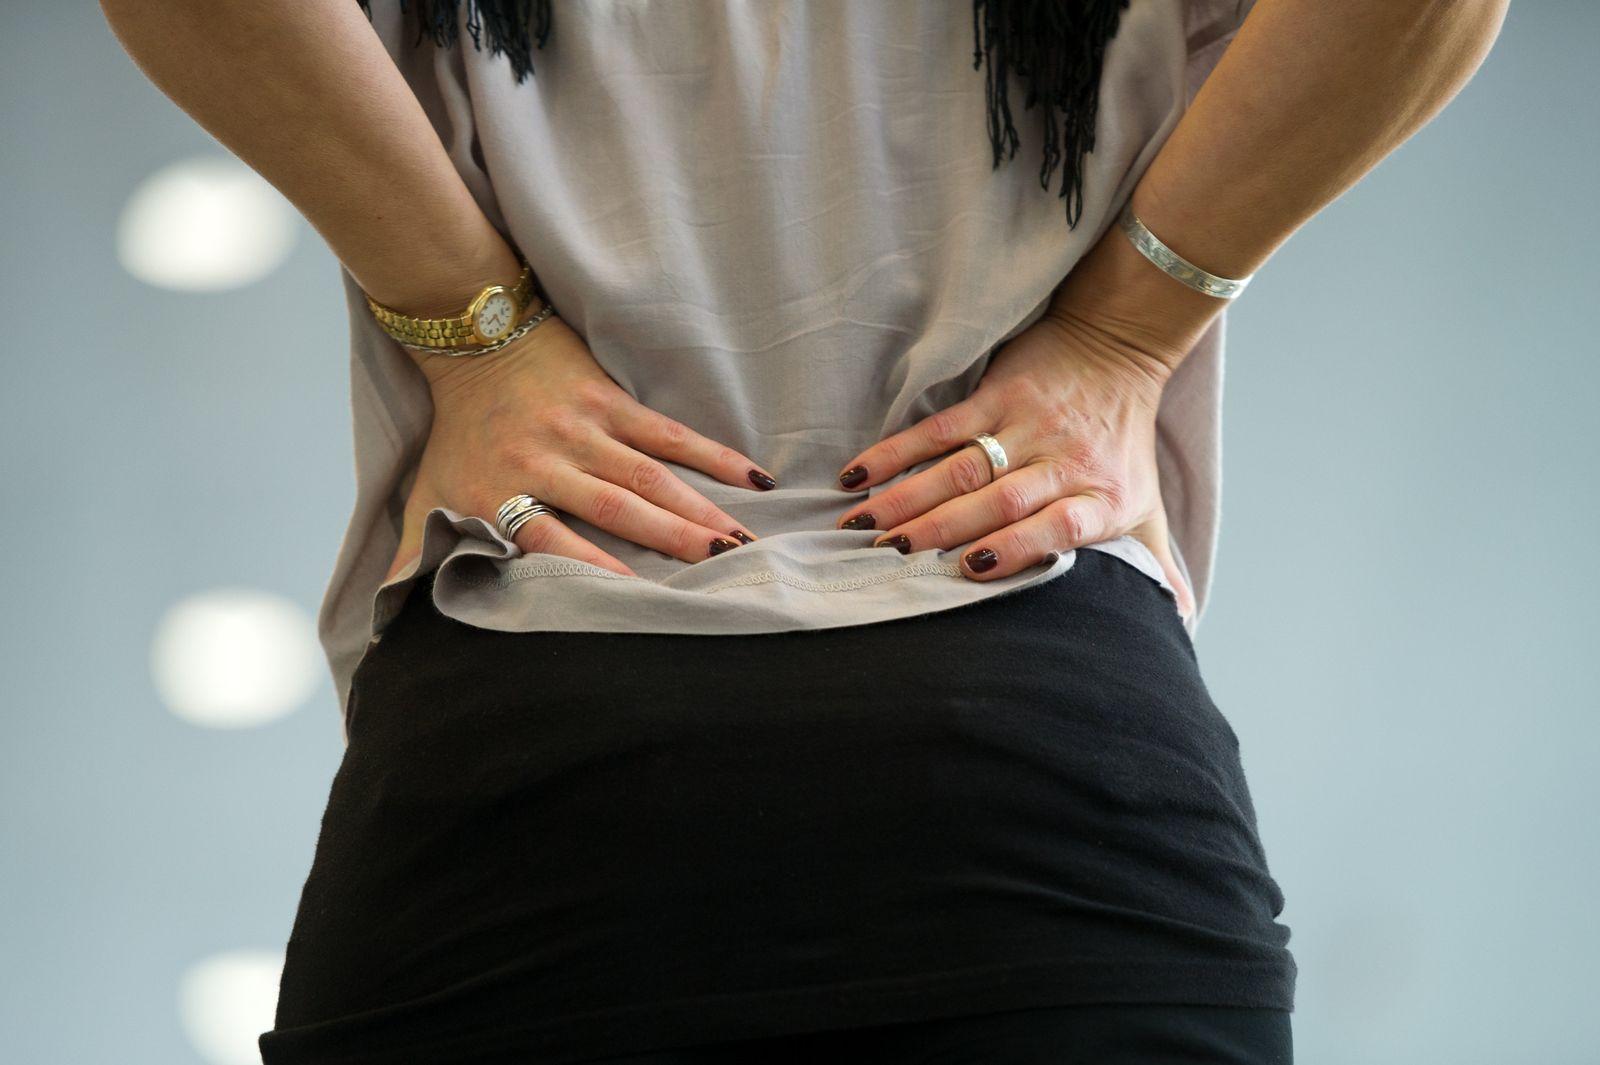 Rückenschmerzen / Krankenkasse